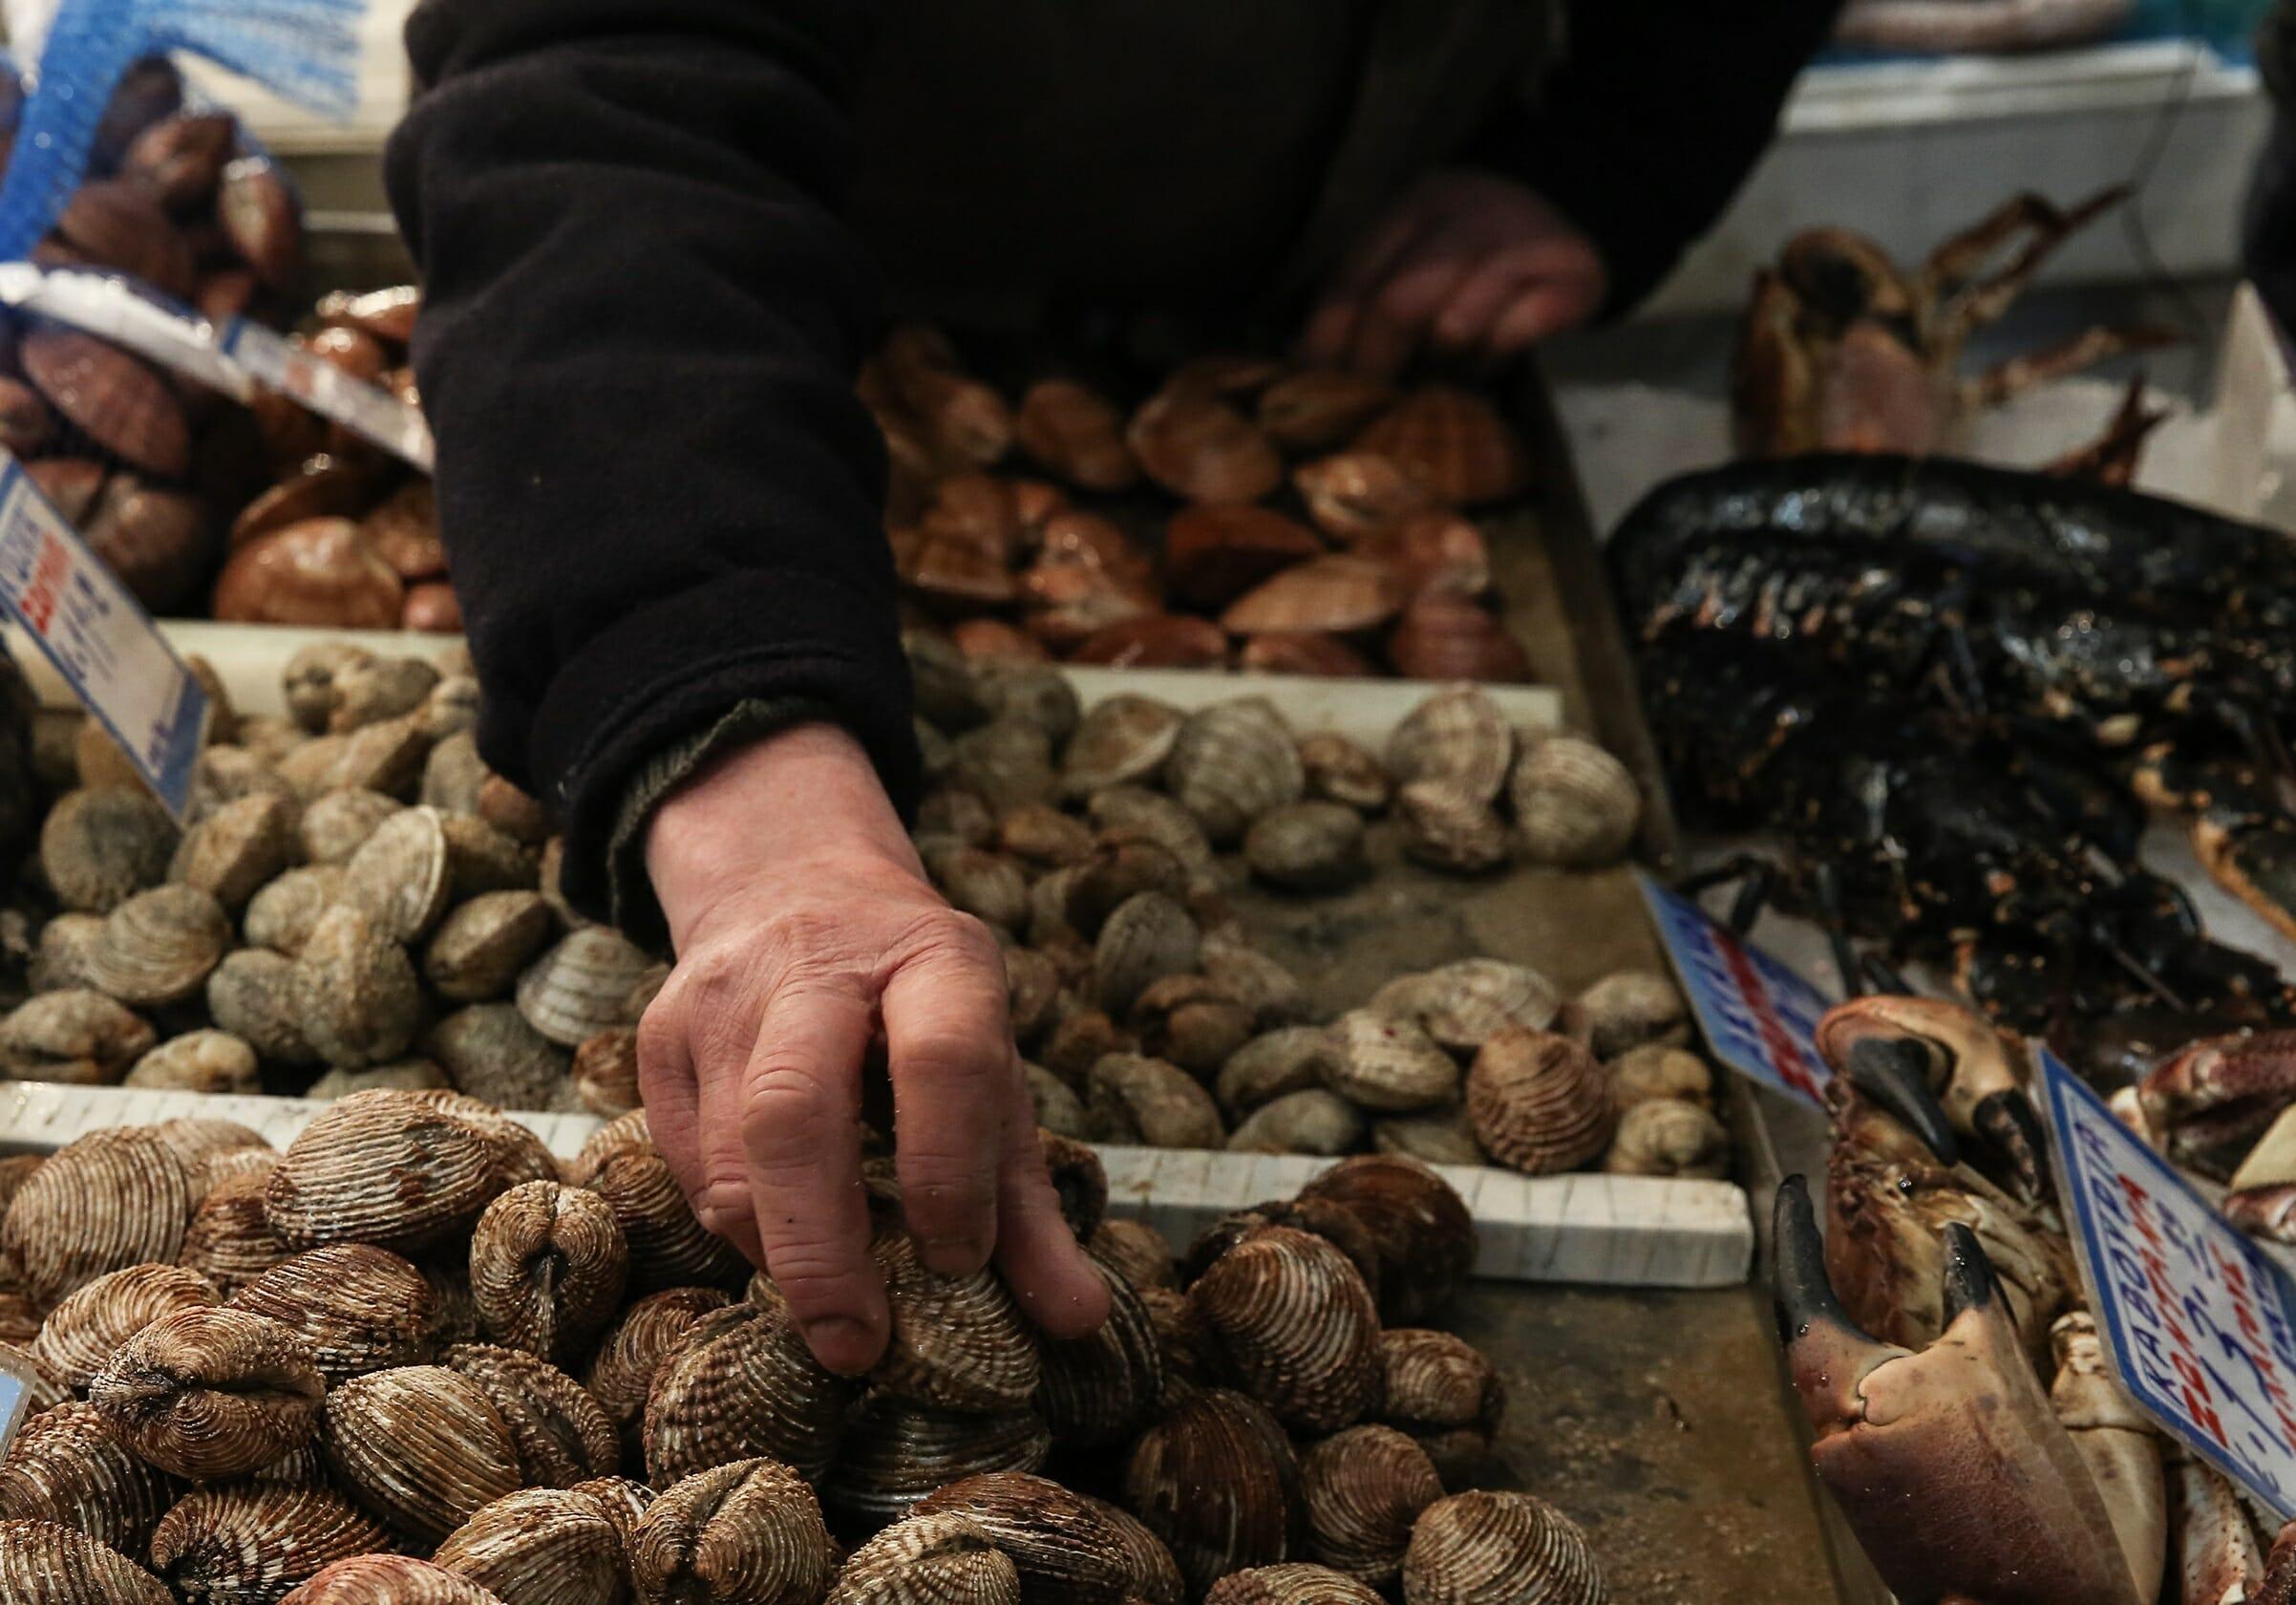 ΕΦΕΤ: Συμβουλές για το Σαρακοστιανό τραπέζι! Εντείνονται οι έλεγχοι στην αγορά